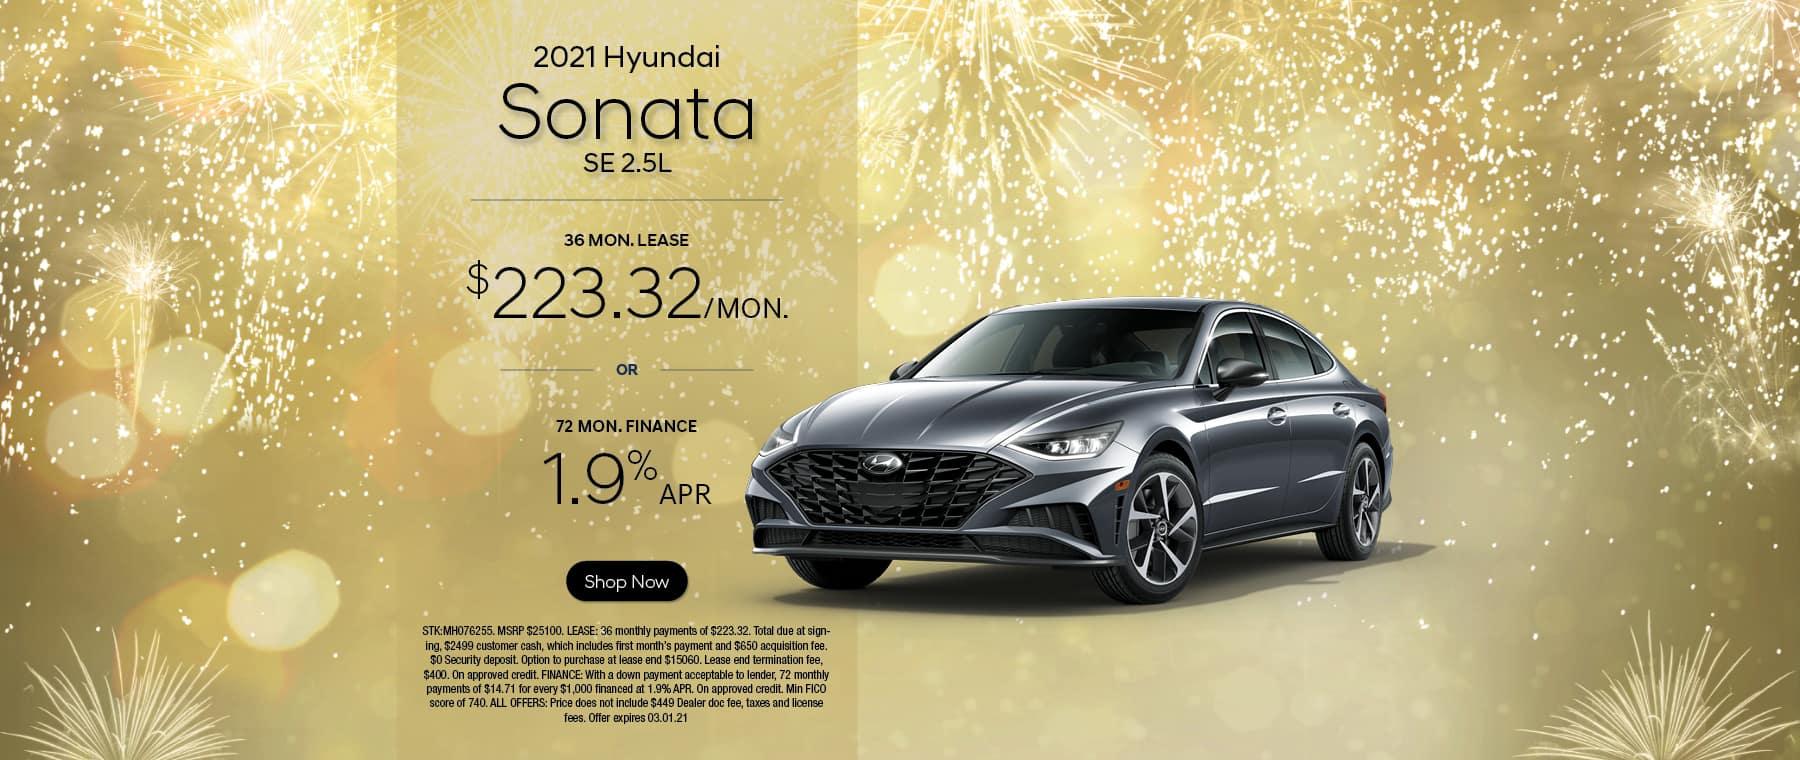 2021 Hyundai Sonata SE 2.5L